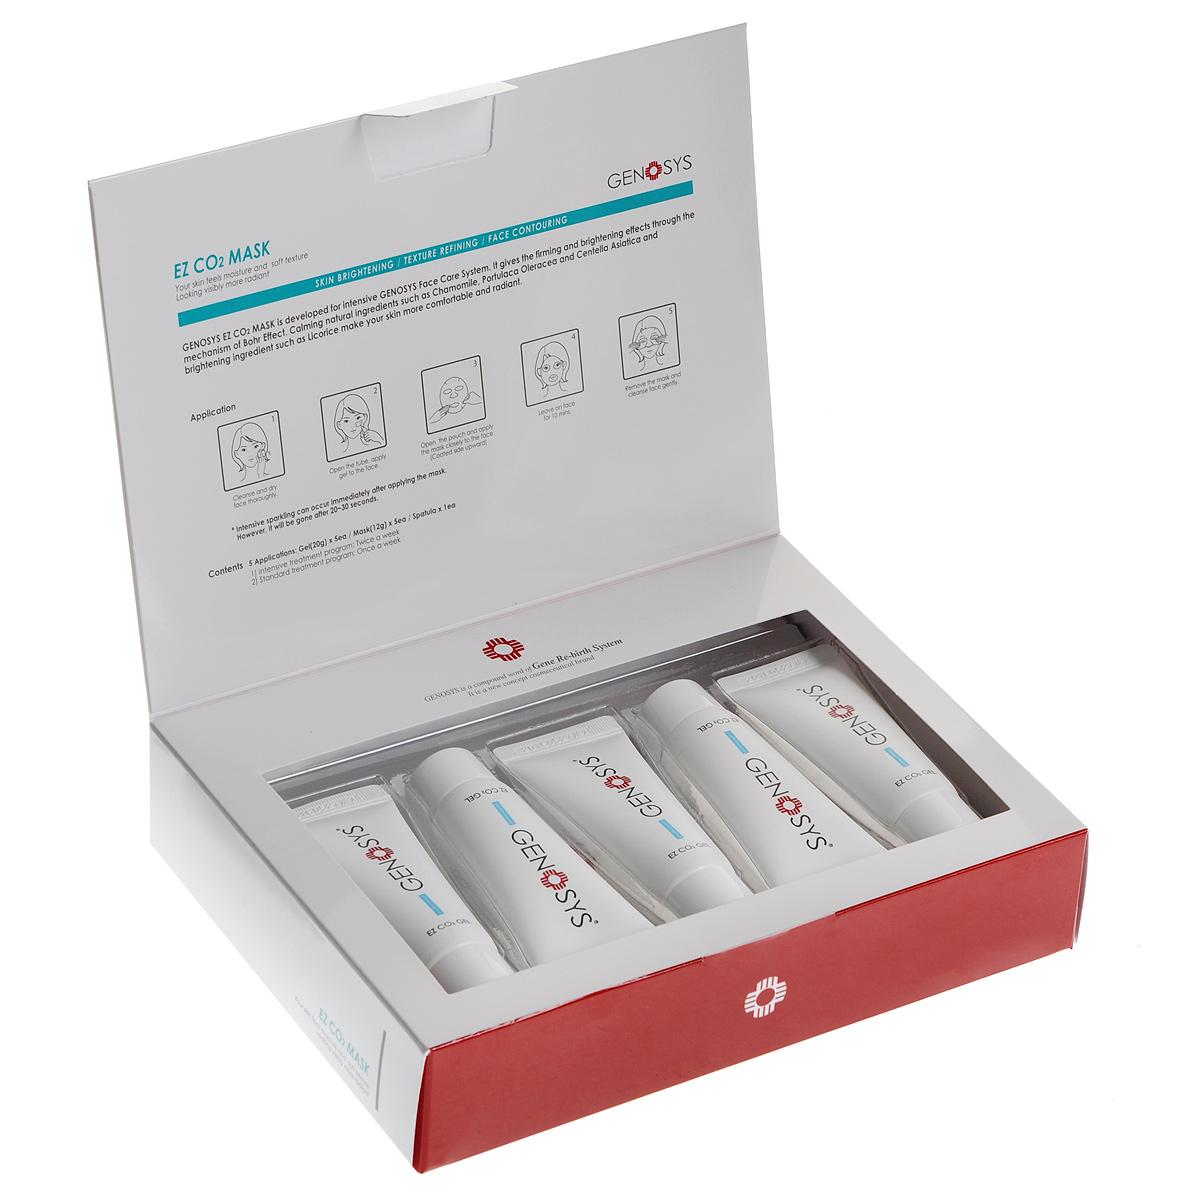 Genosys Маска для лица ECM кислородная, подготавливающая, 5 шт530202Маска стимулирует кожу, активизирует все процессы, идущие в тканях, в результате чего эффективность от последующих косметических процедур заметно возрастает. Именно поэтому кислородная маска Genosys рекомендуется в качестве подготовительного этапа перед процедурой с использованием мезороллеров. Активная формула маски улучшает состояние и тон кожи, слегка осветляет кожу, снимает покраснение и раздражение, эффективно борется с воспалением кожи, омолаживает и подтягивает кожу. Ккислородная маска Genosys дает быстрый и заметный результат, ее можно использовать как подготовку к микронидлингу, так и в качестве быстродействующего средства для омоложения и улучшения внешнего вида. Интересной особенностью маски является ее положительное влияние на обменные процессы в жировых отложениях, благодаря чему уменьшаются лишние объемы в зоне щек и второго подбородка. К маске прилагается гель, который наносится перед наложением маски и шпатель. Товар сертифицирован.